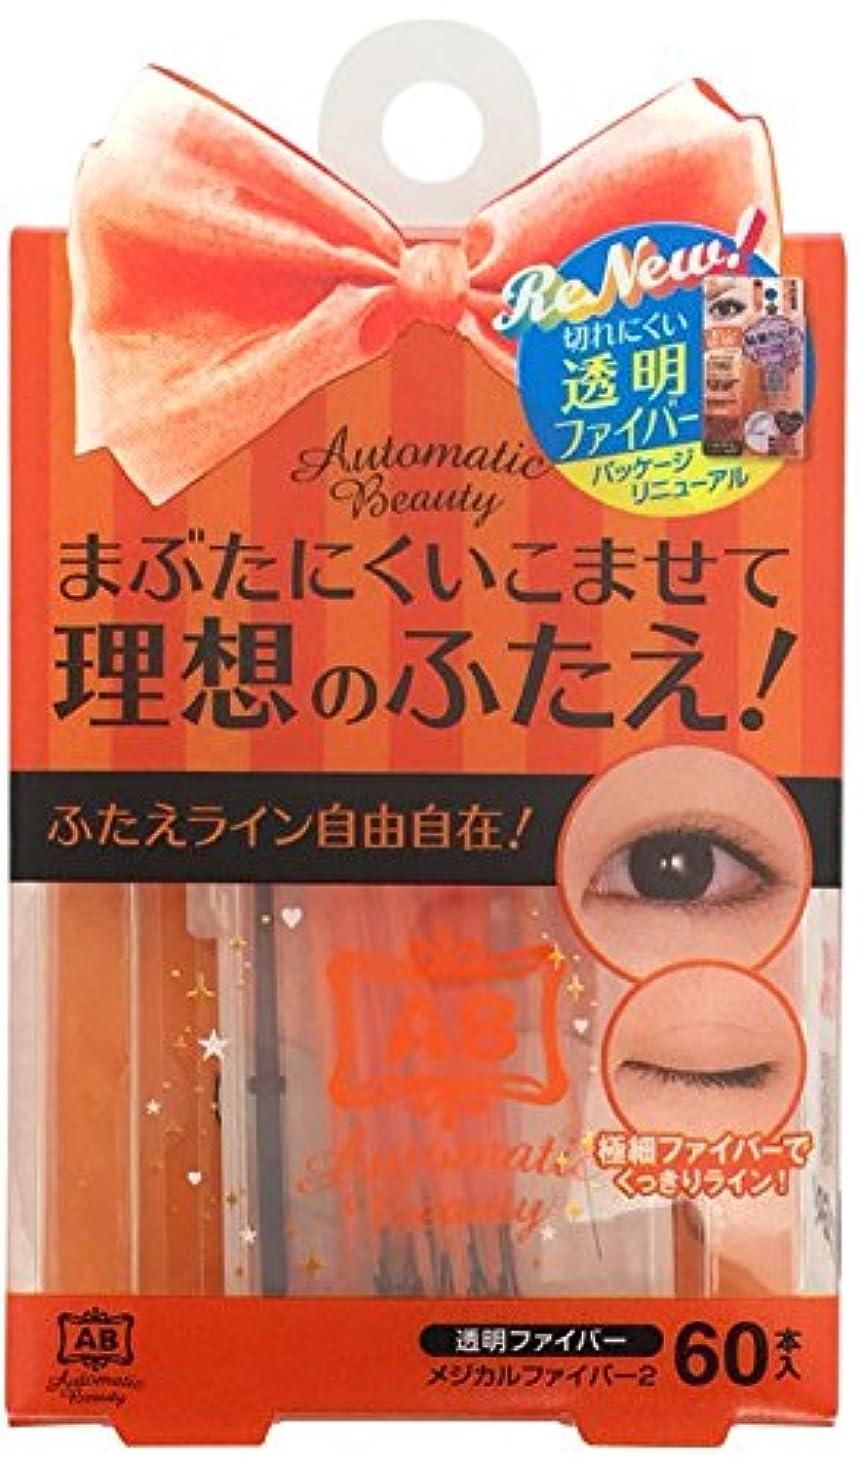 溶融説明穴Automatic Beauty(オートマティックビューティ) メジカルファイバー 60本